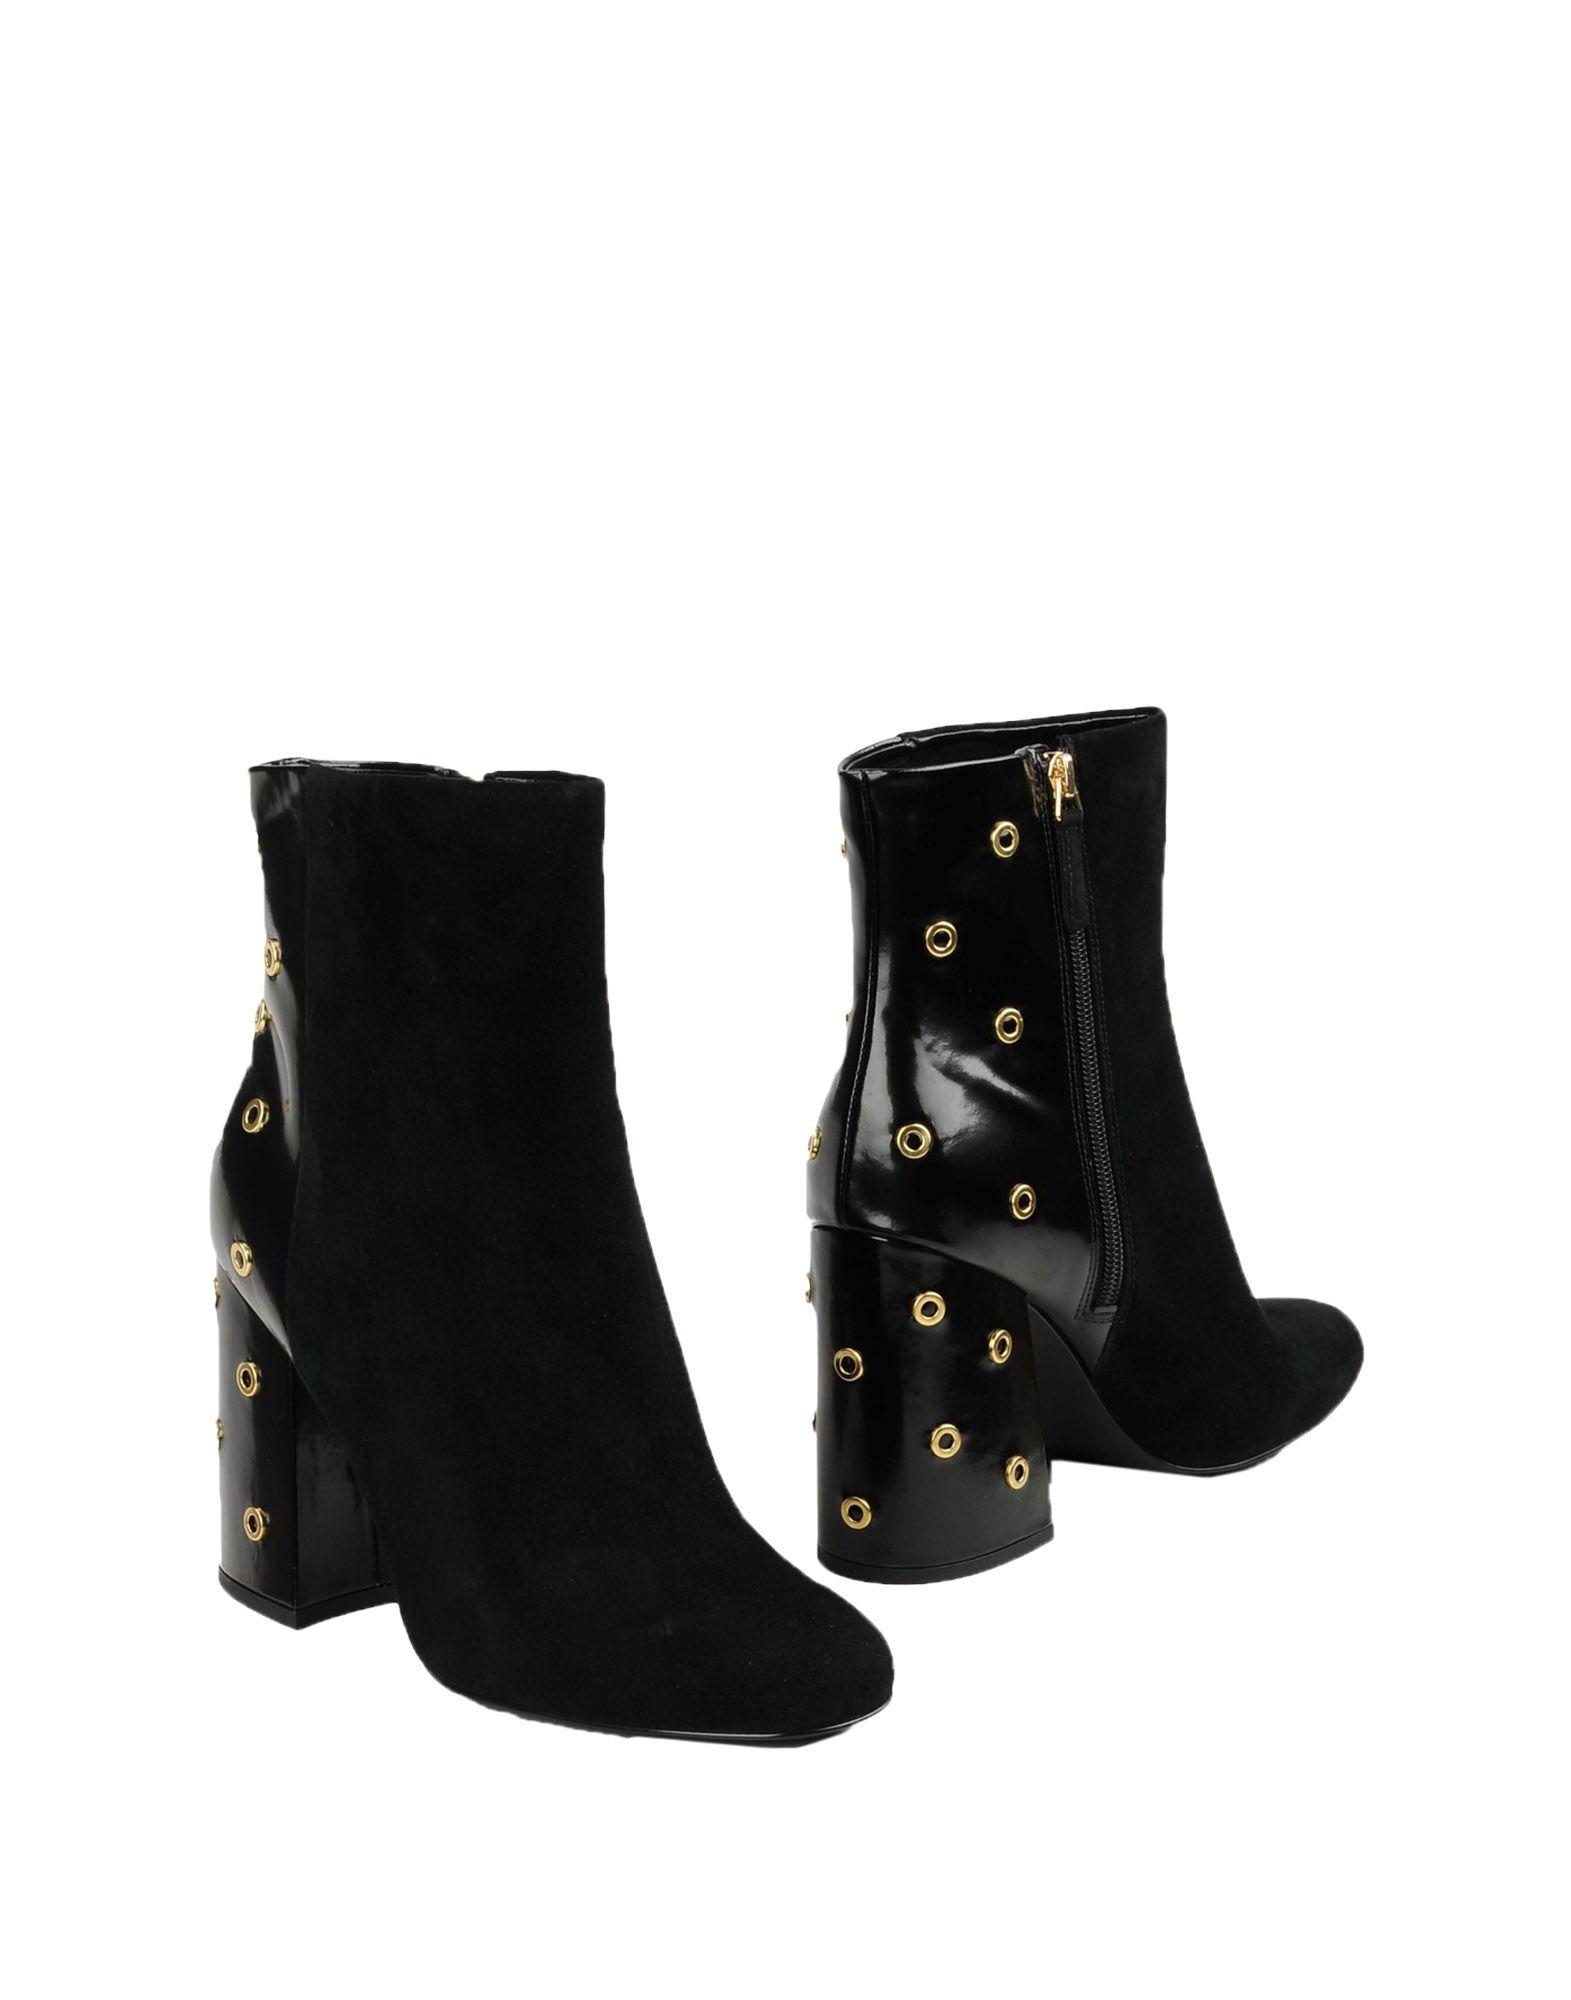 Nine West Stiefelette Damen  11355102DL Gute Schuhe Qualität beliebte Schuhe Gute 029efd